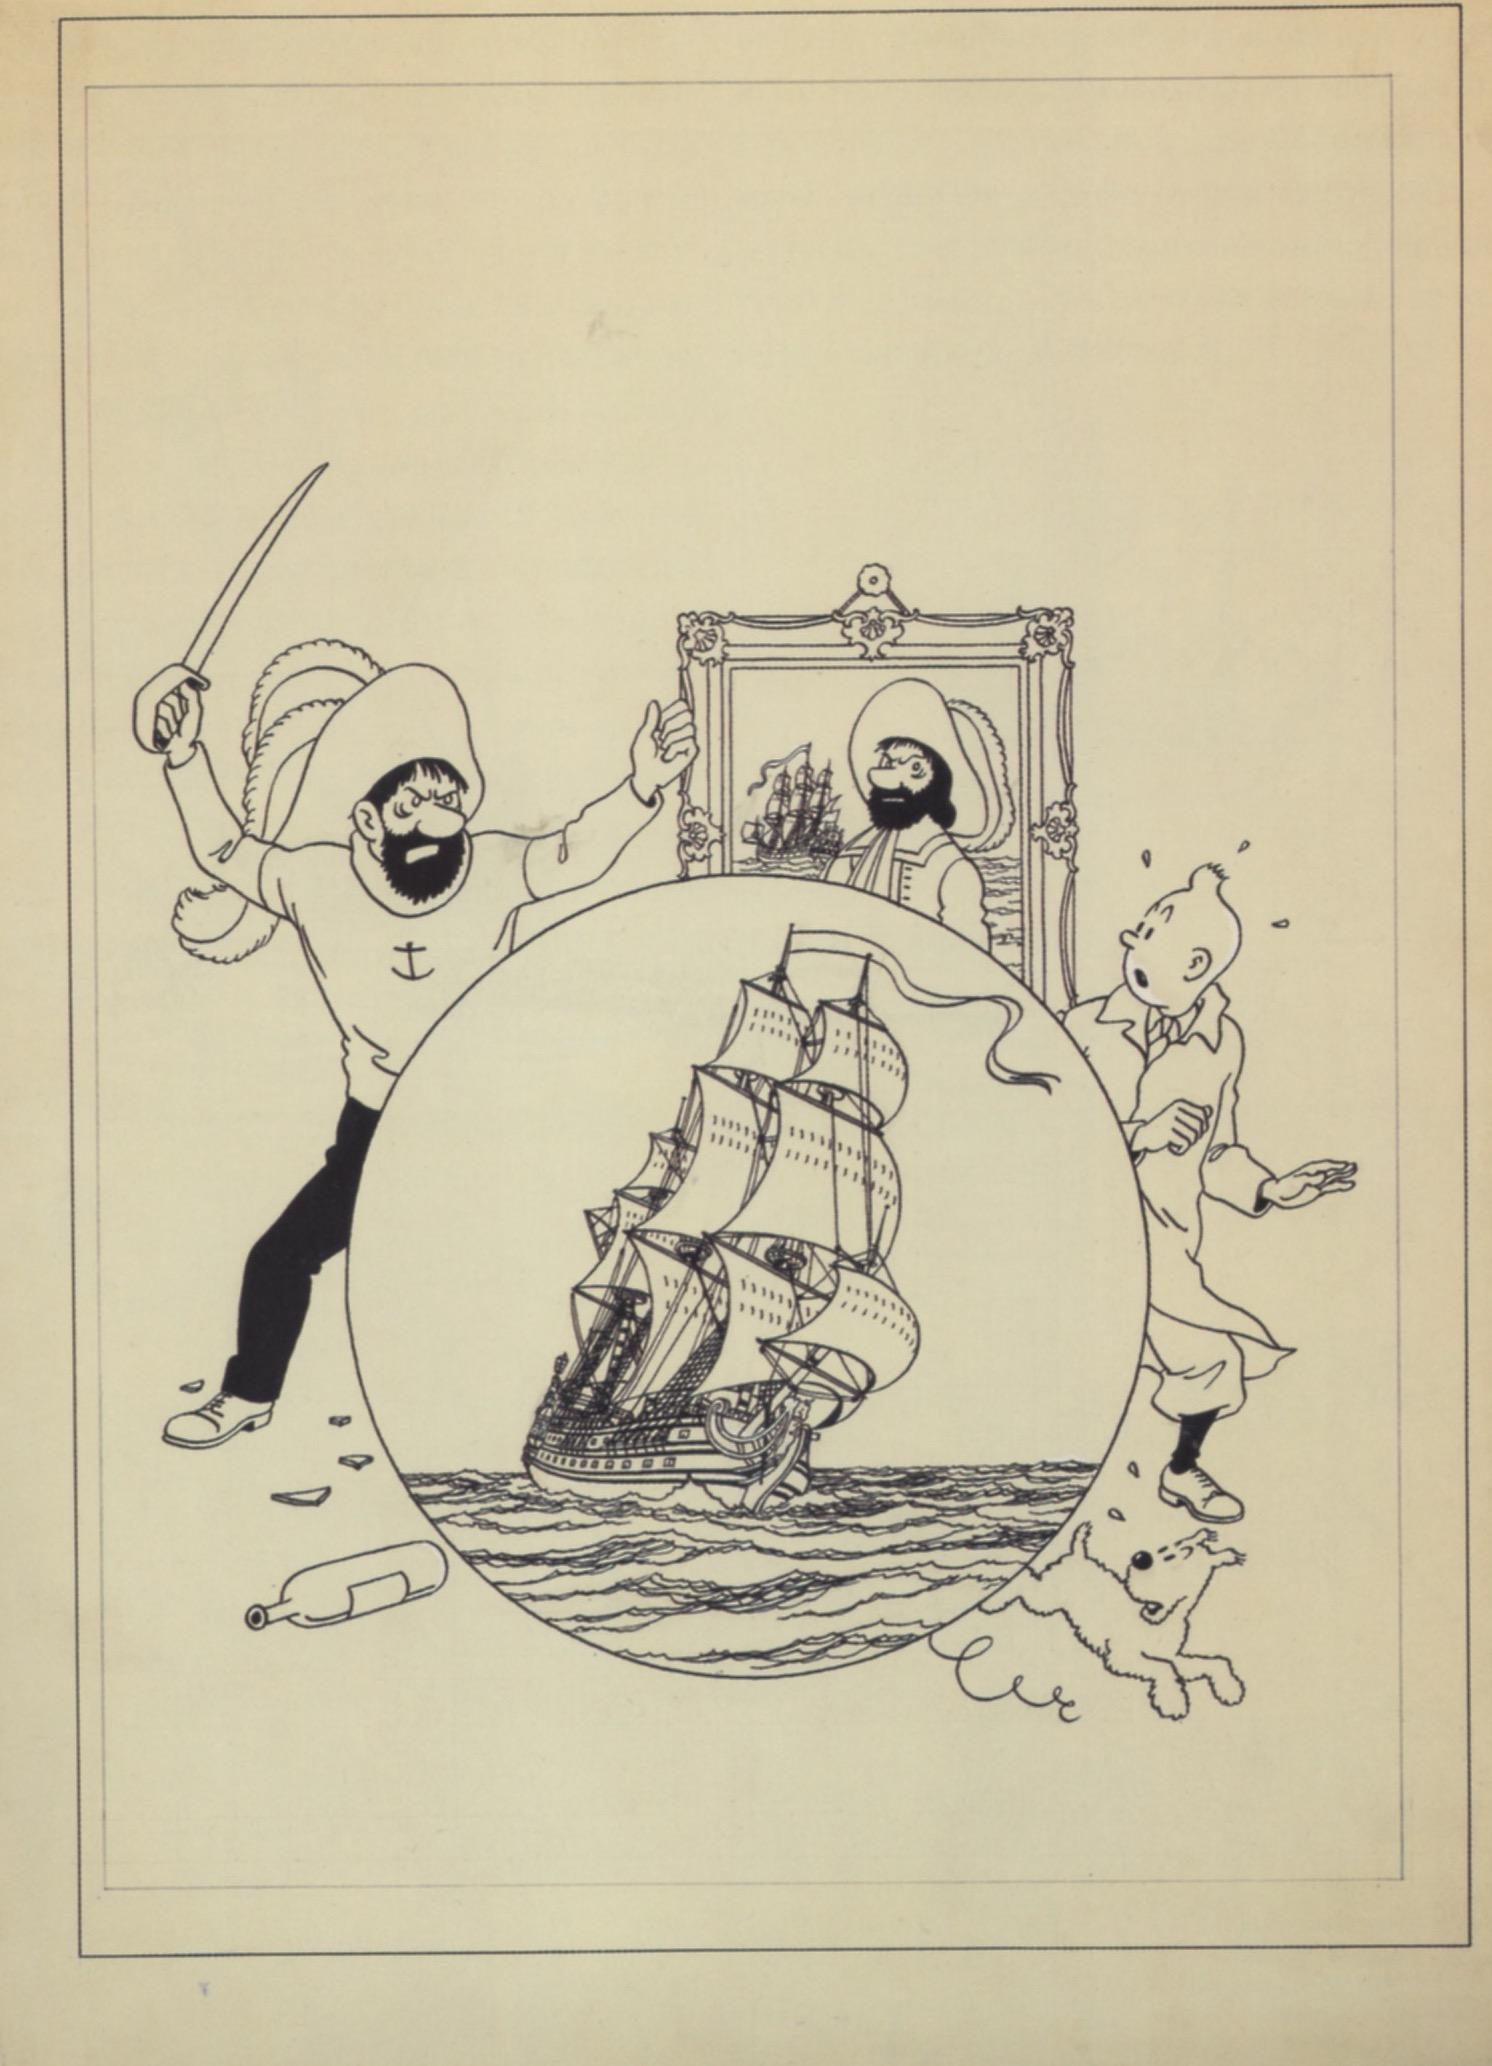 Le dessin de couverture livré par Hergé le 2 février 1943.